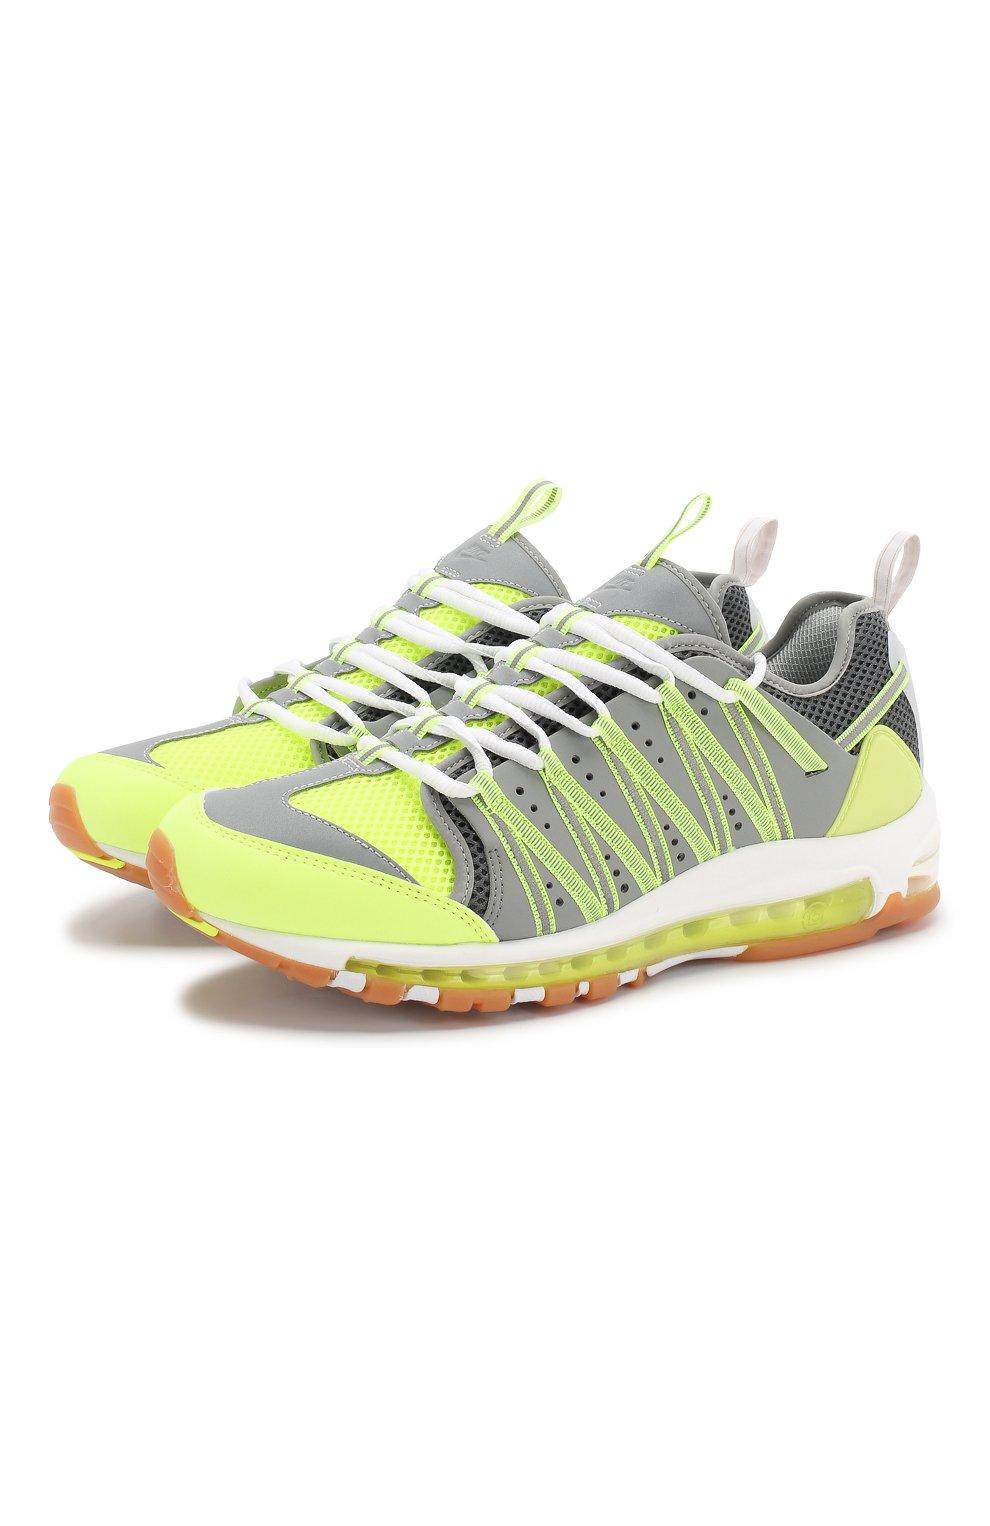 8e0530b6 Мужские зеленые кроссовки nike x clot air max haven NIKELAB — купить ...